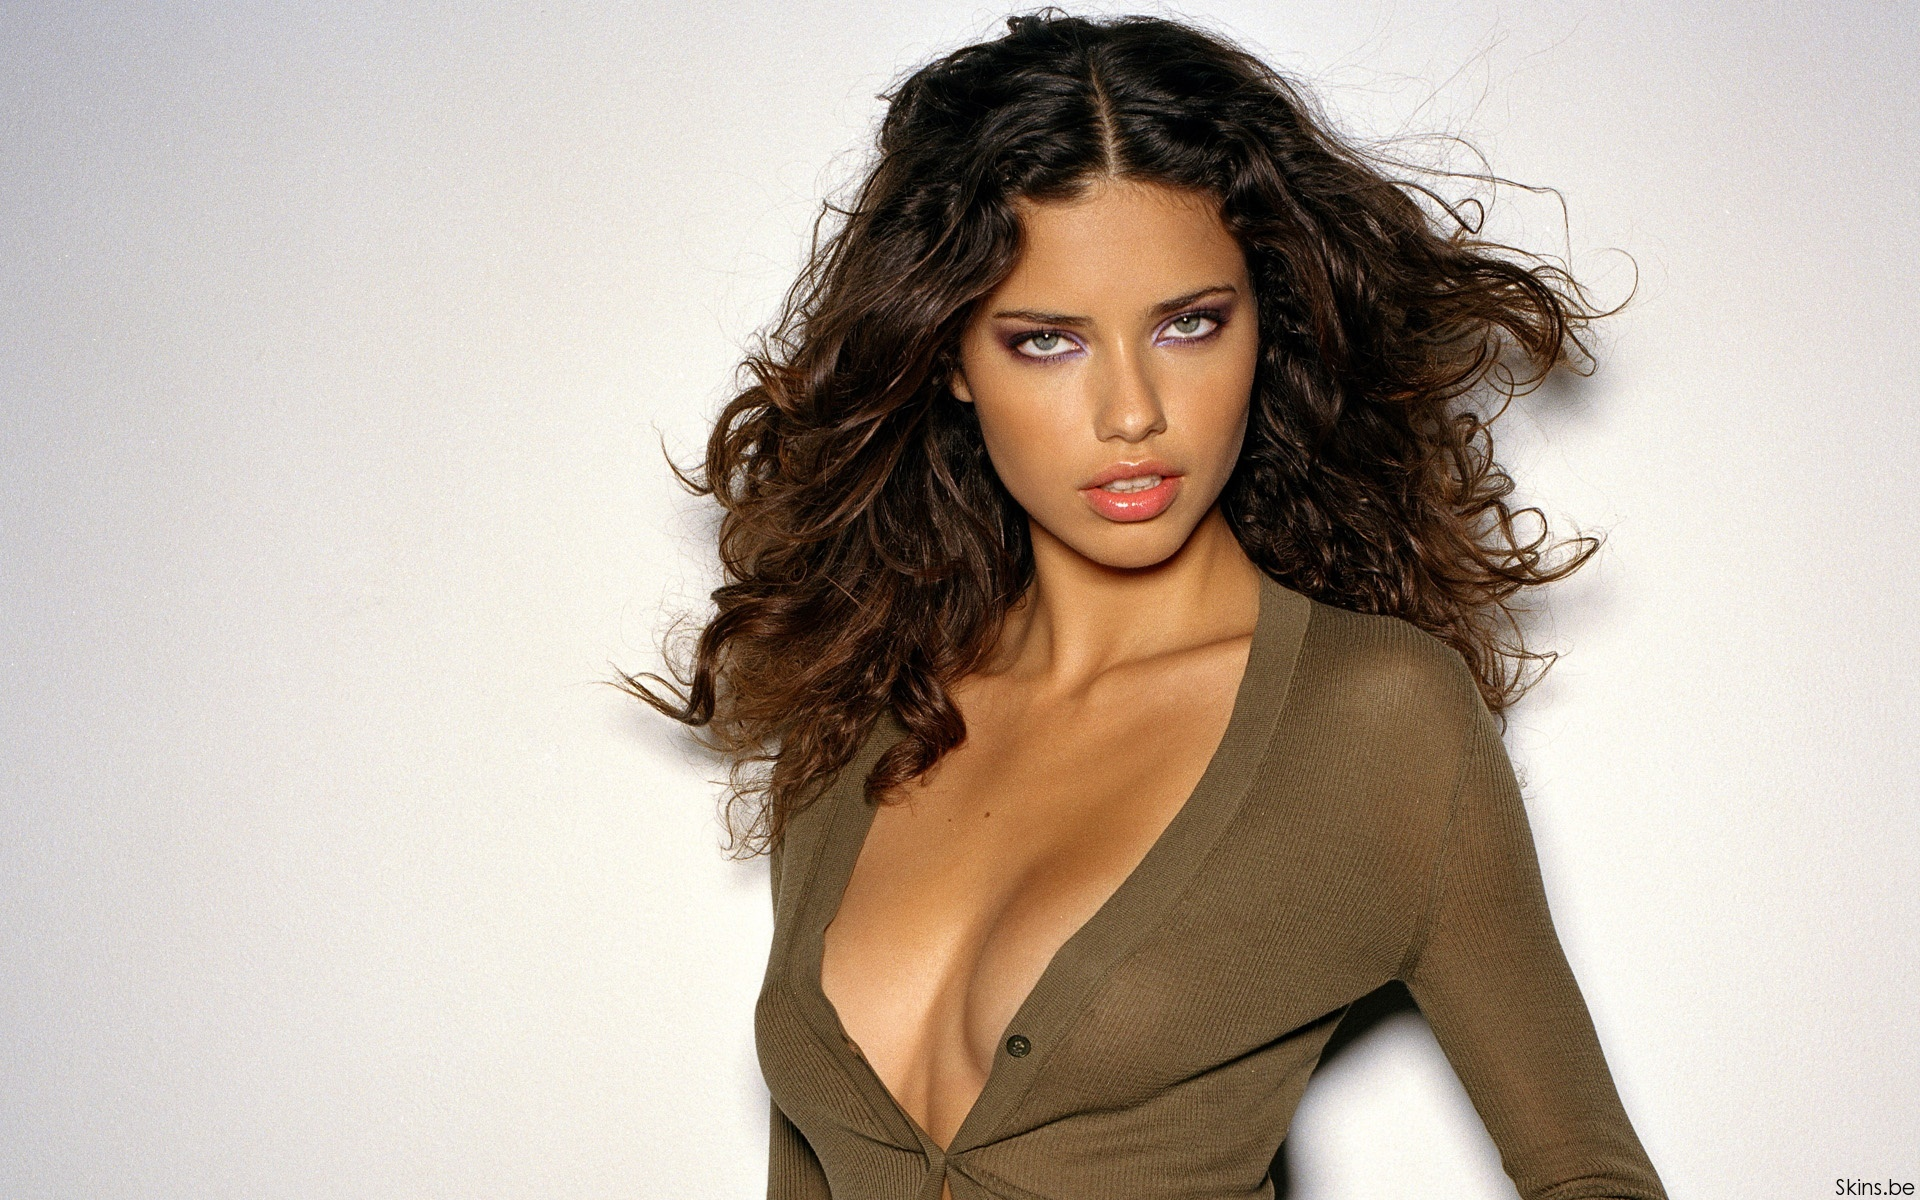 Самые красивые девушки мира моделей